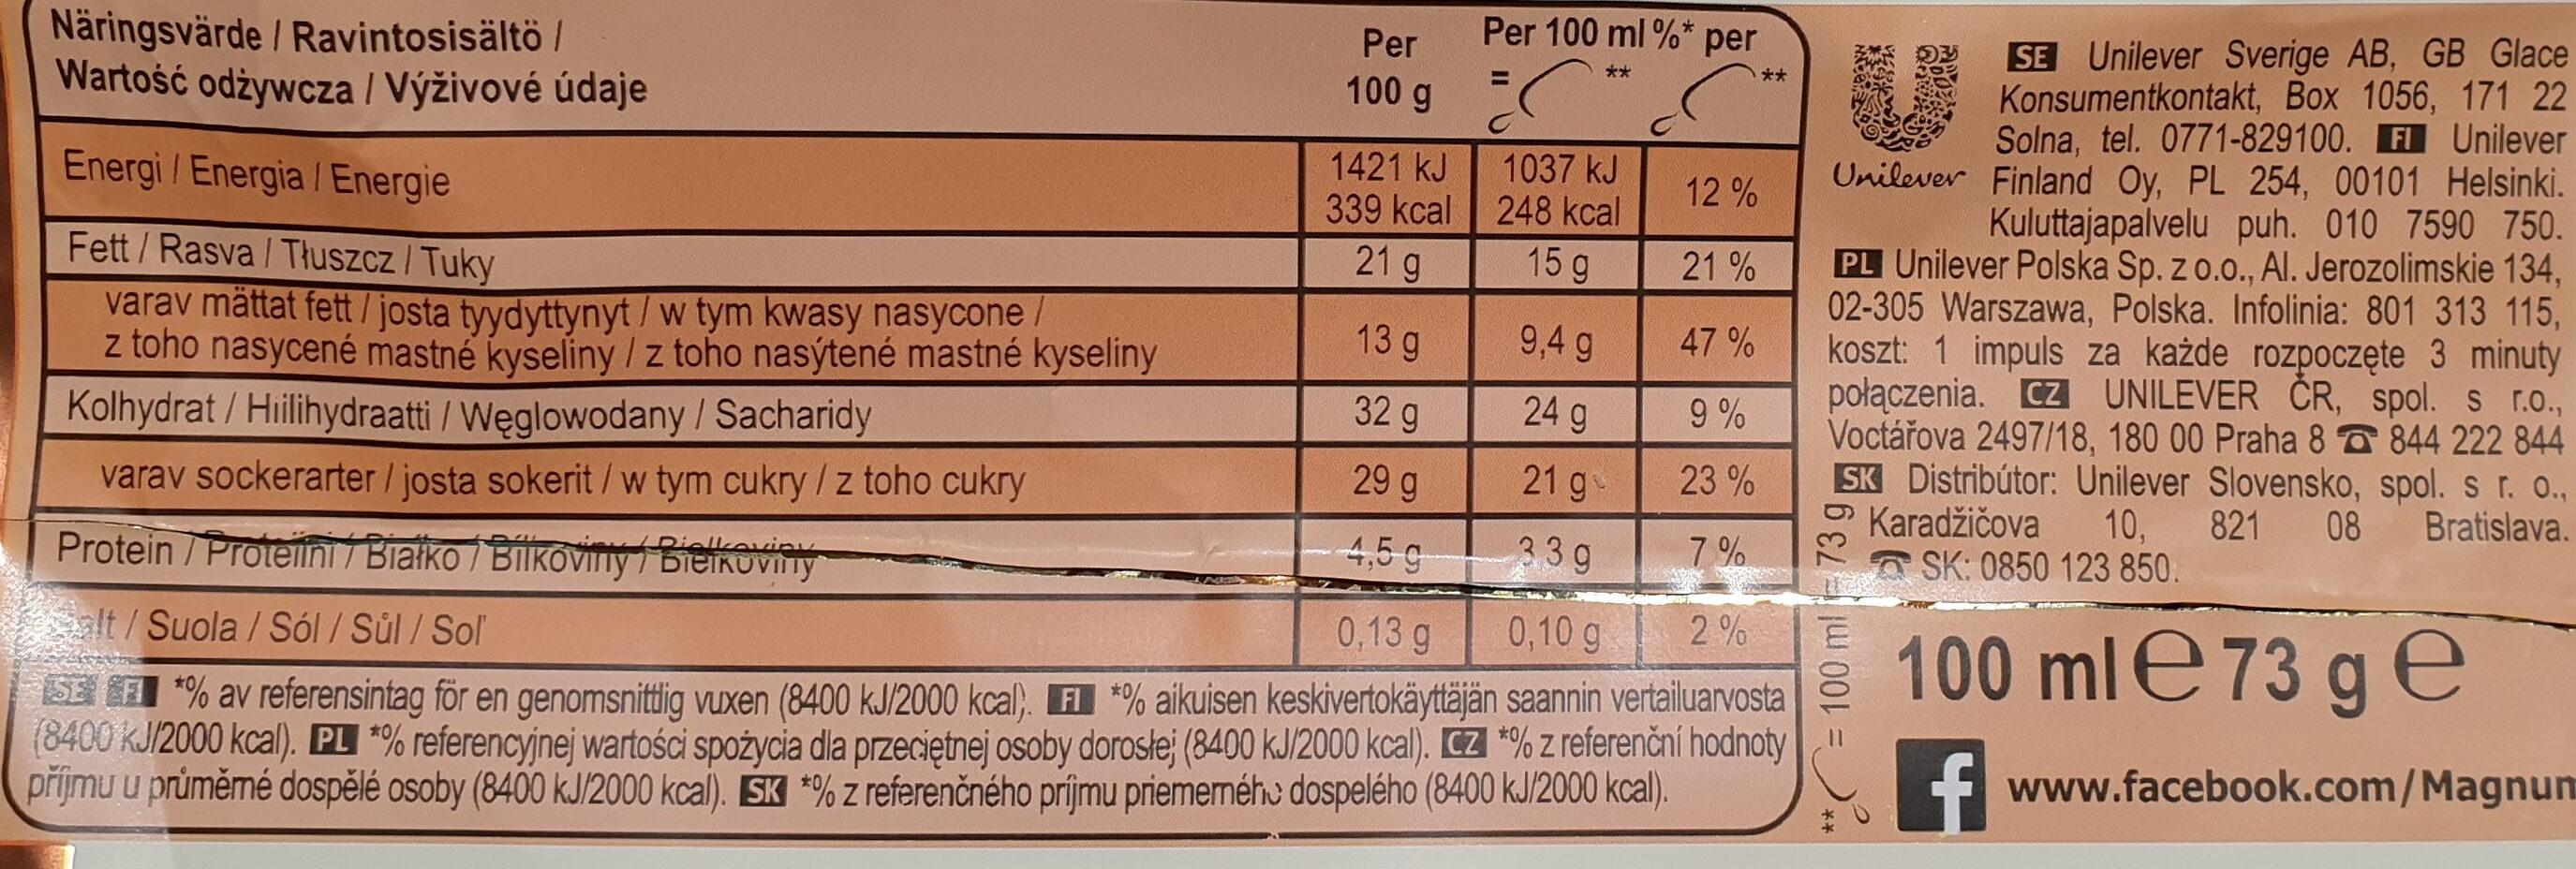 Lody z wanilią z Madagaskaru w białej czekoladzie (28%) z migdałami (5%) - Voedingswaarden